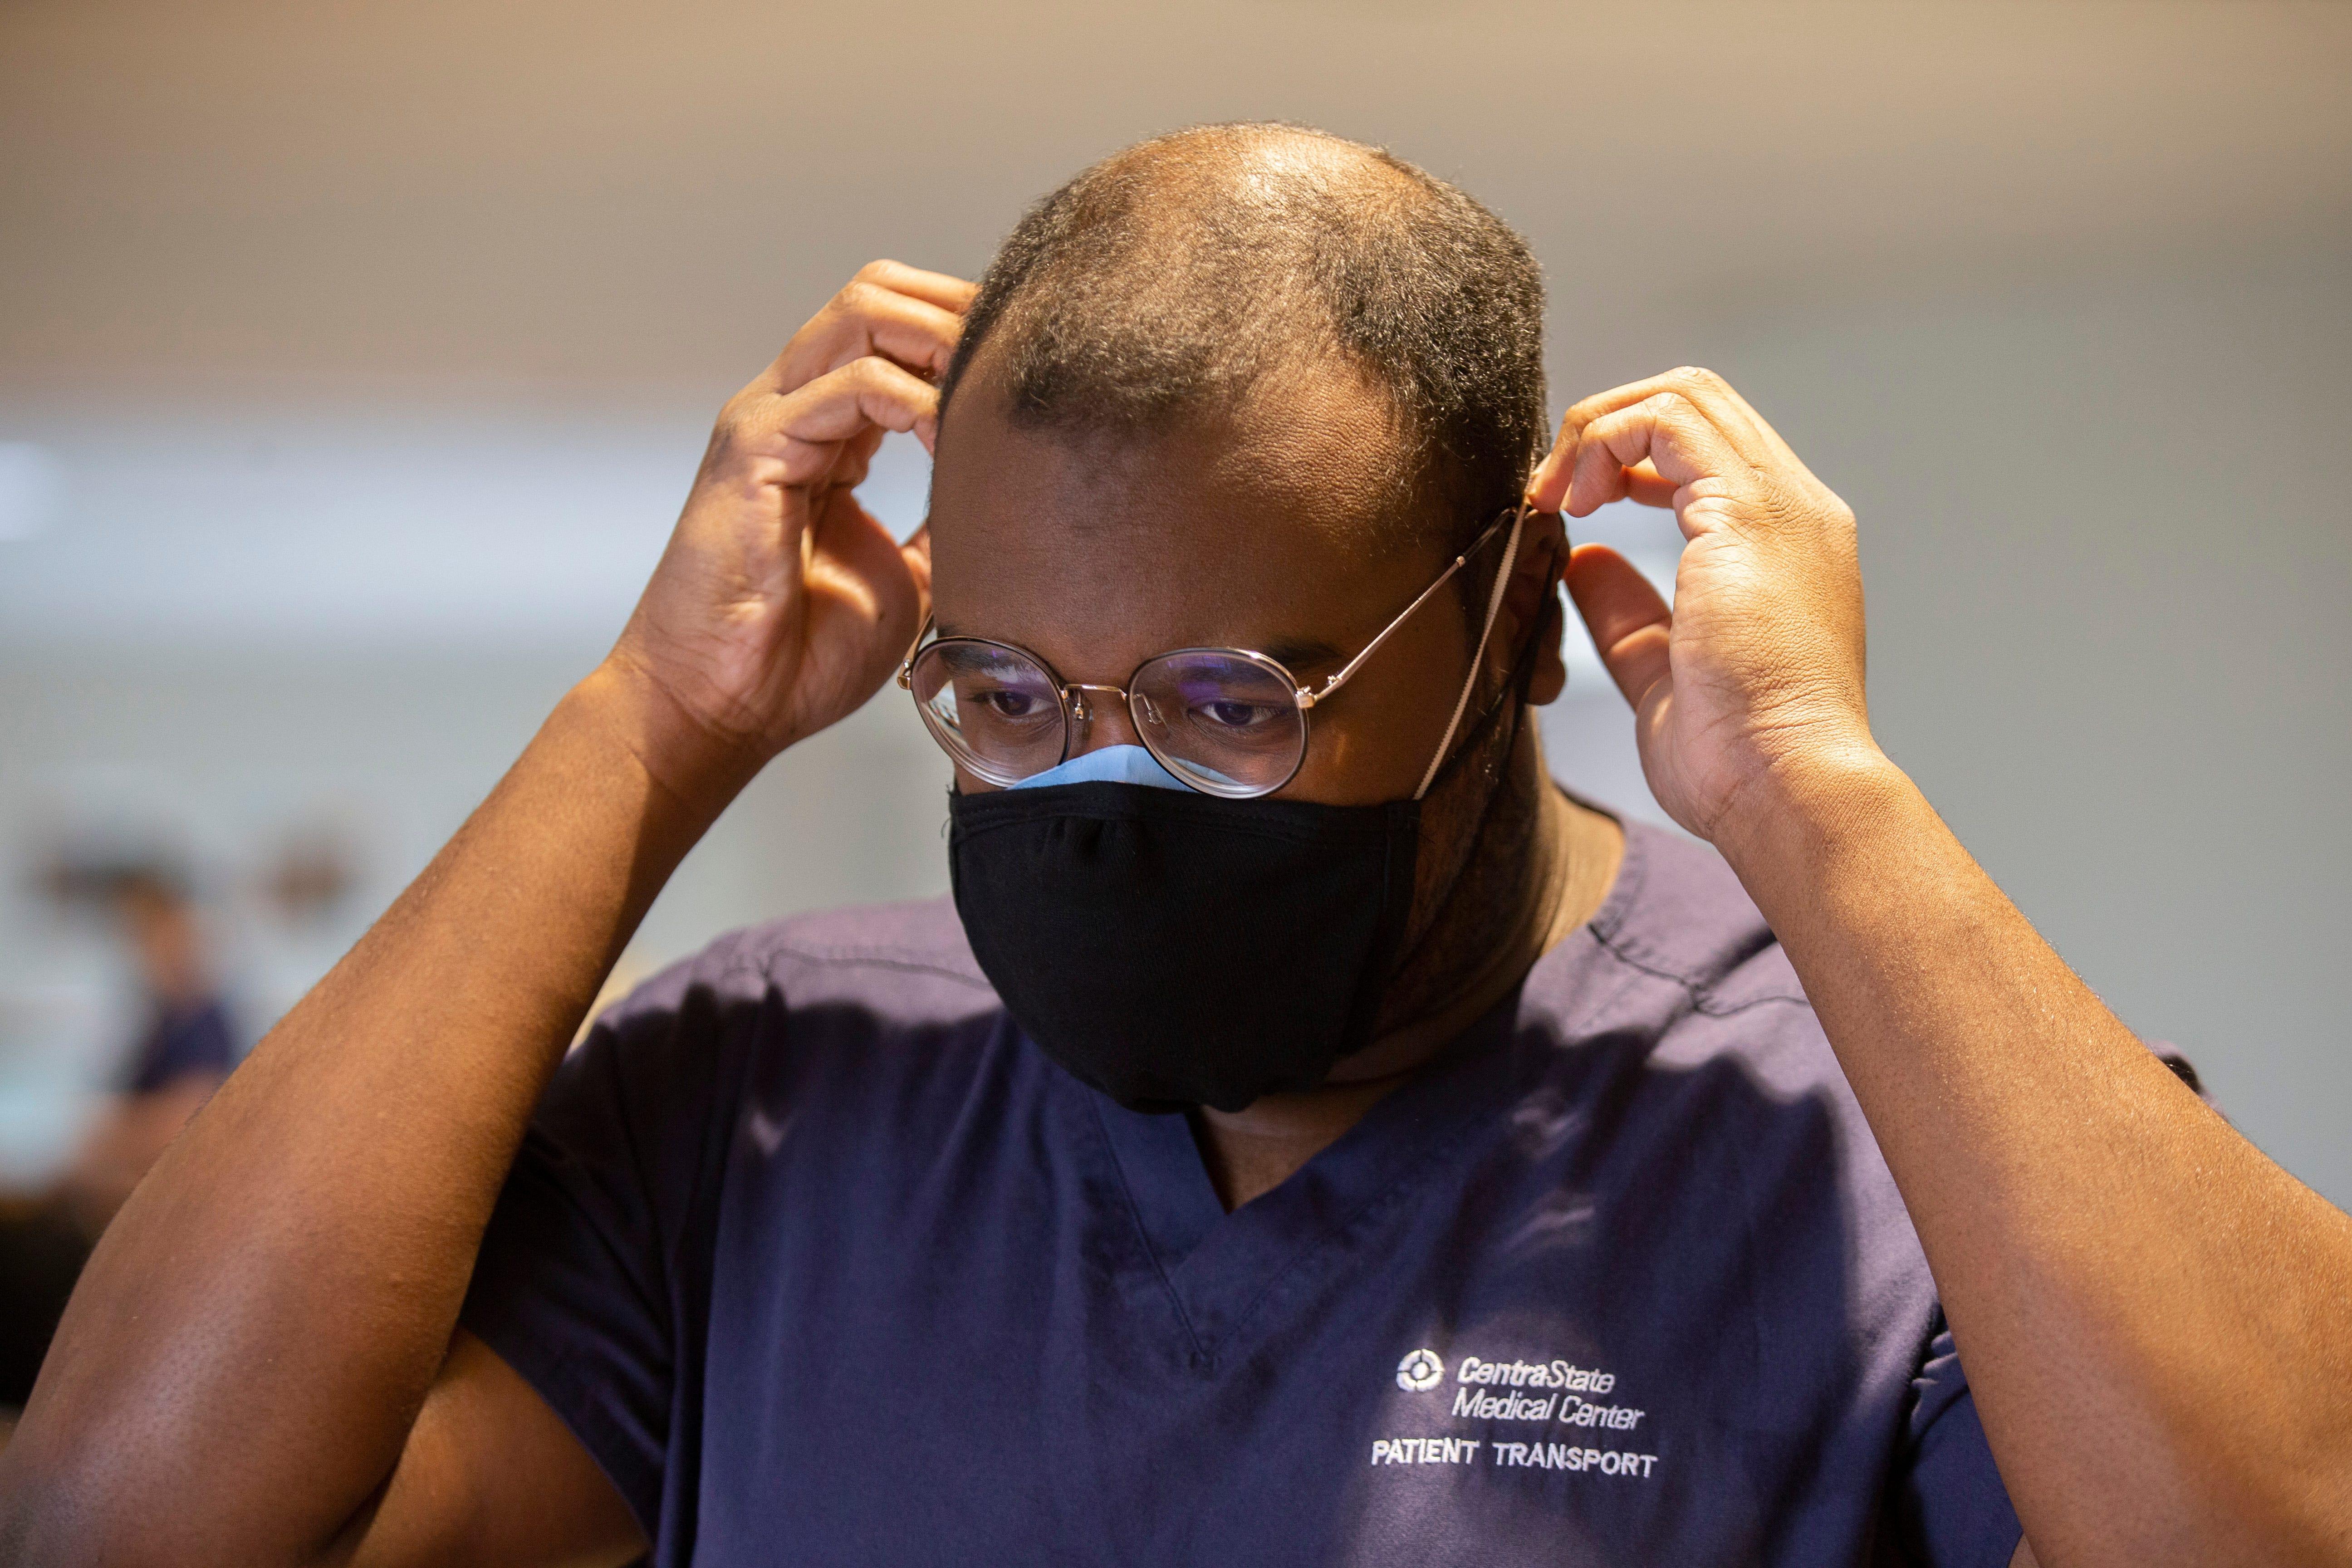 Drew Barkley, patient transport, CentraState Medical Center